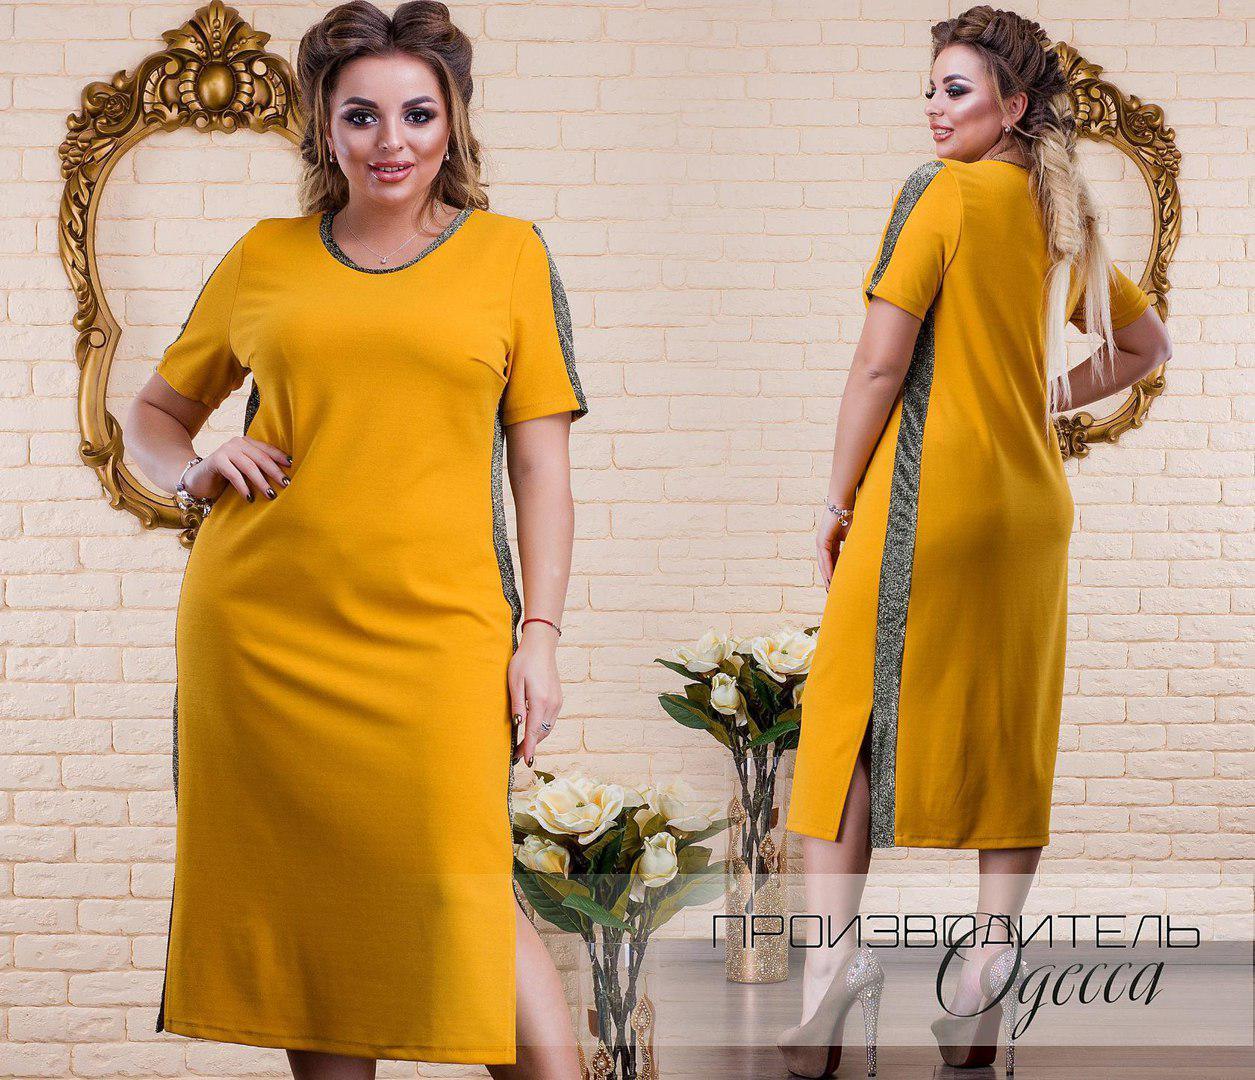 Платье миди 50+ с коротким рукавом, по бокам разрезы и вставки люрекса  / 2 цвета арт 5853-178